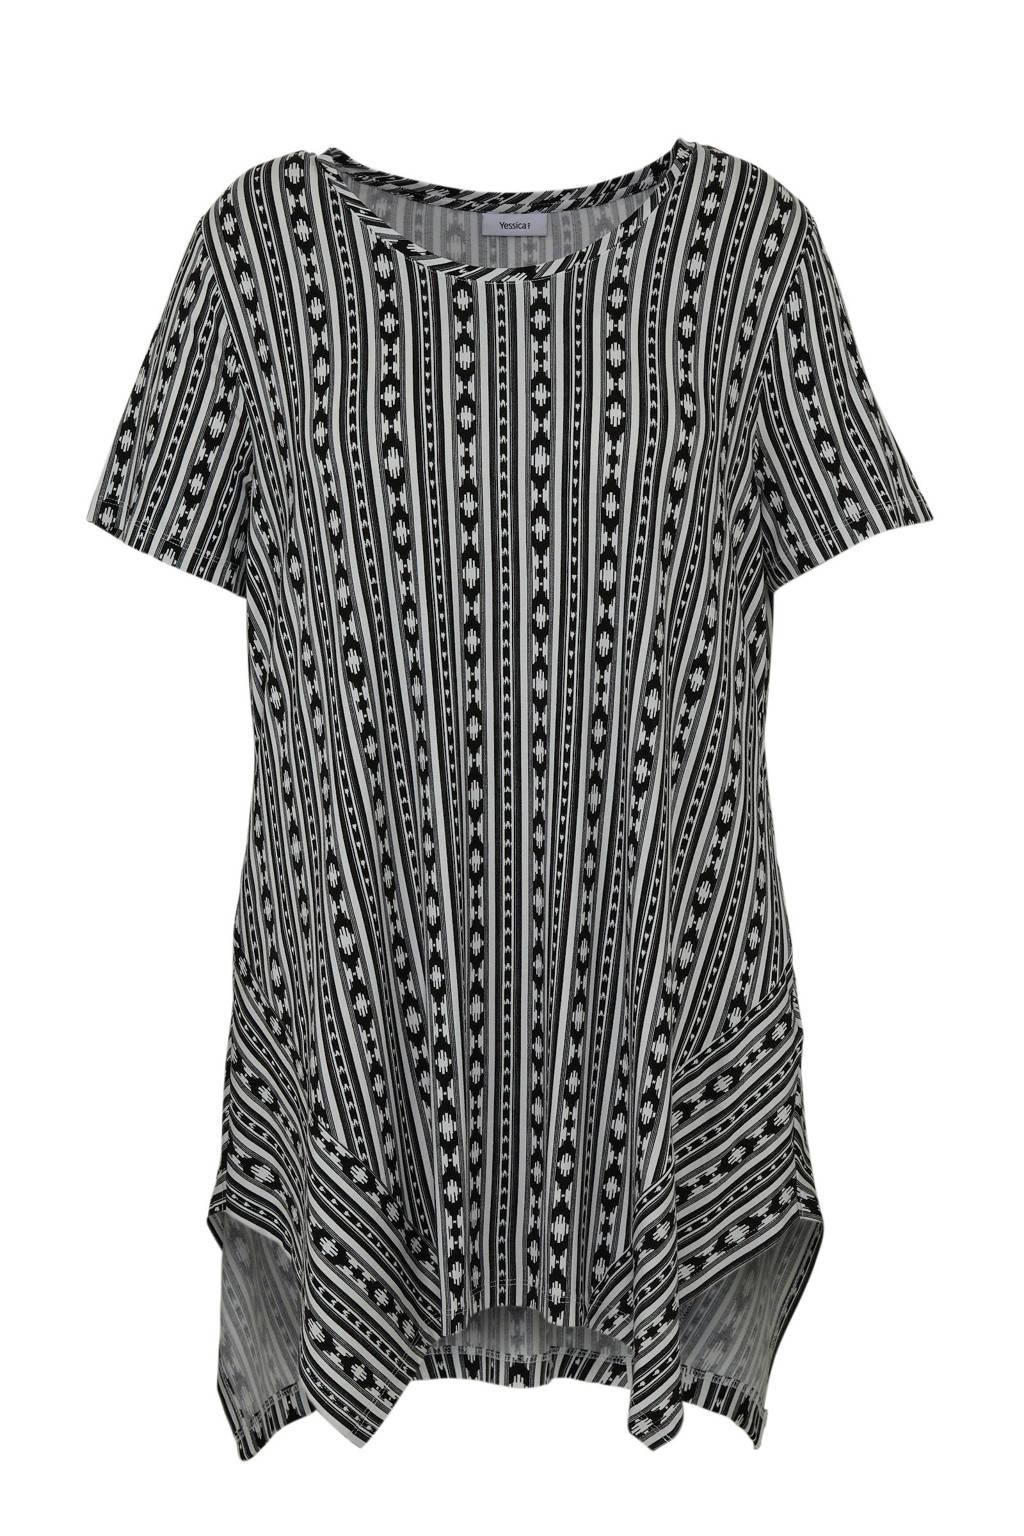 C&A XL Yessica tuniek met all over print zwart/wit, Zwart/wit